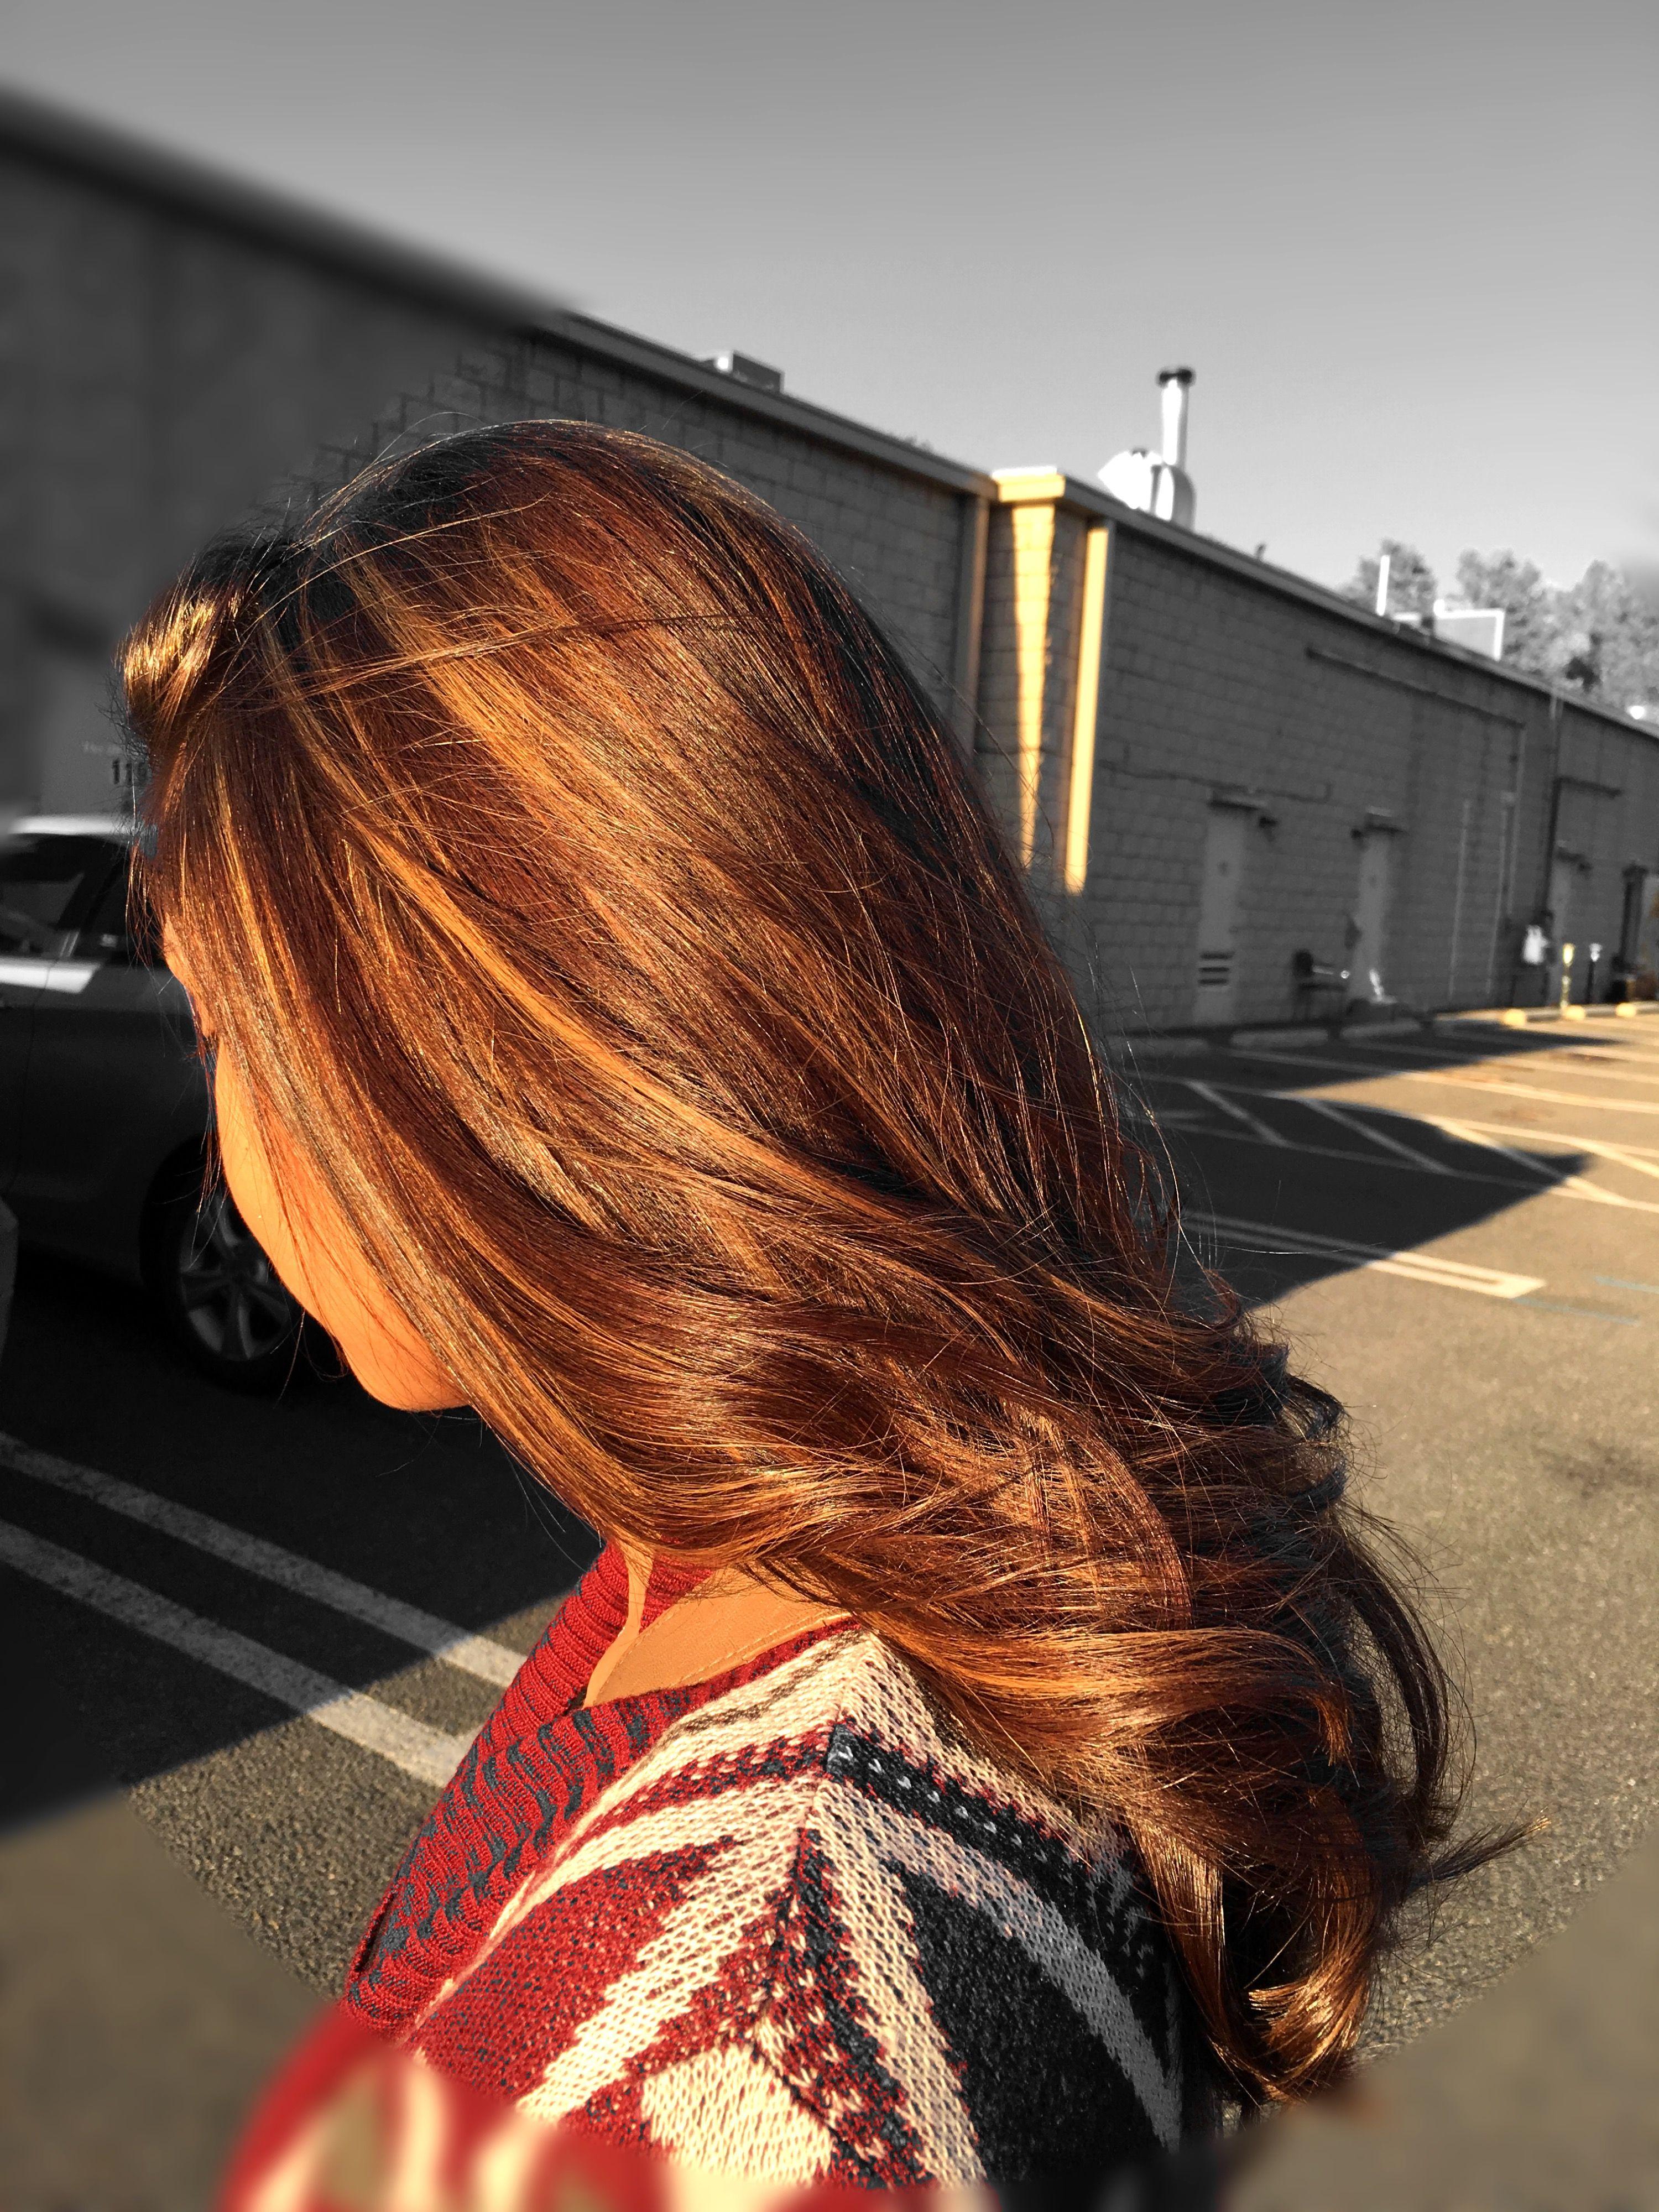 Fall Hair Color Caramel Highlights Auburn Hair | Hair ...